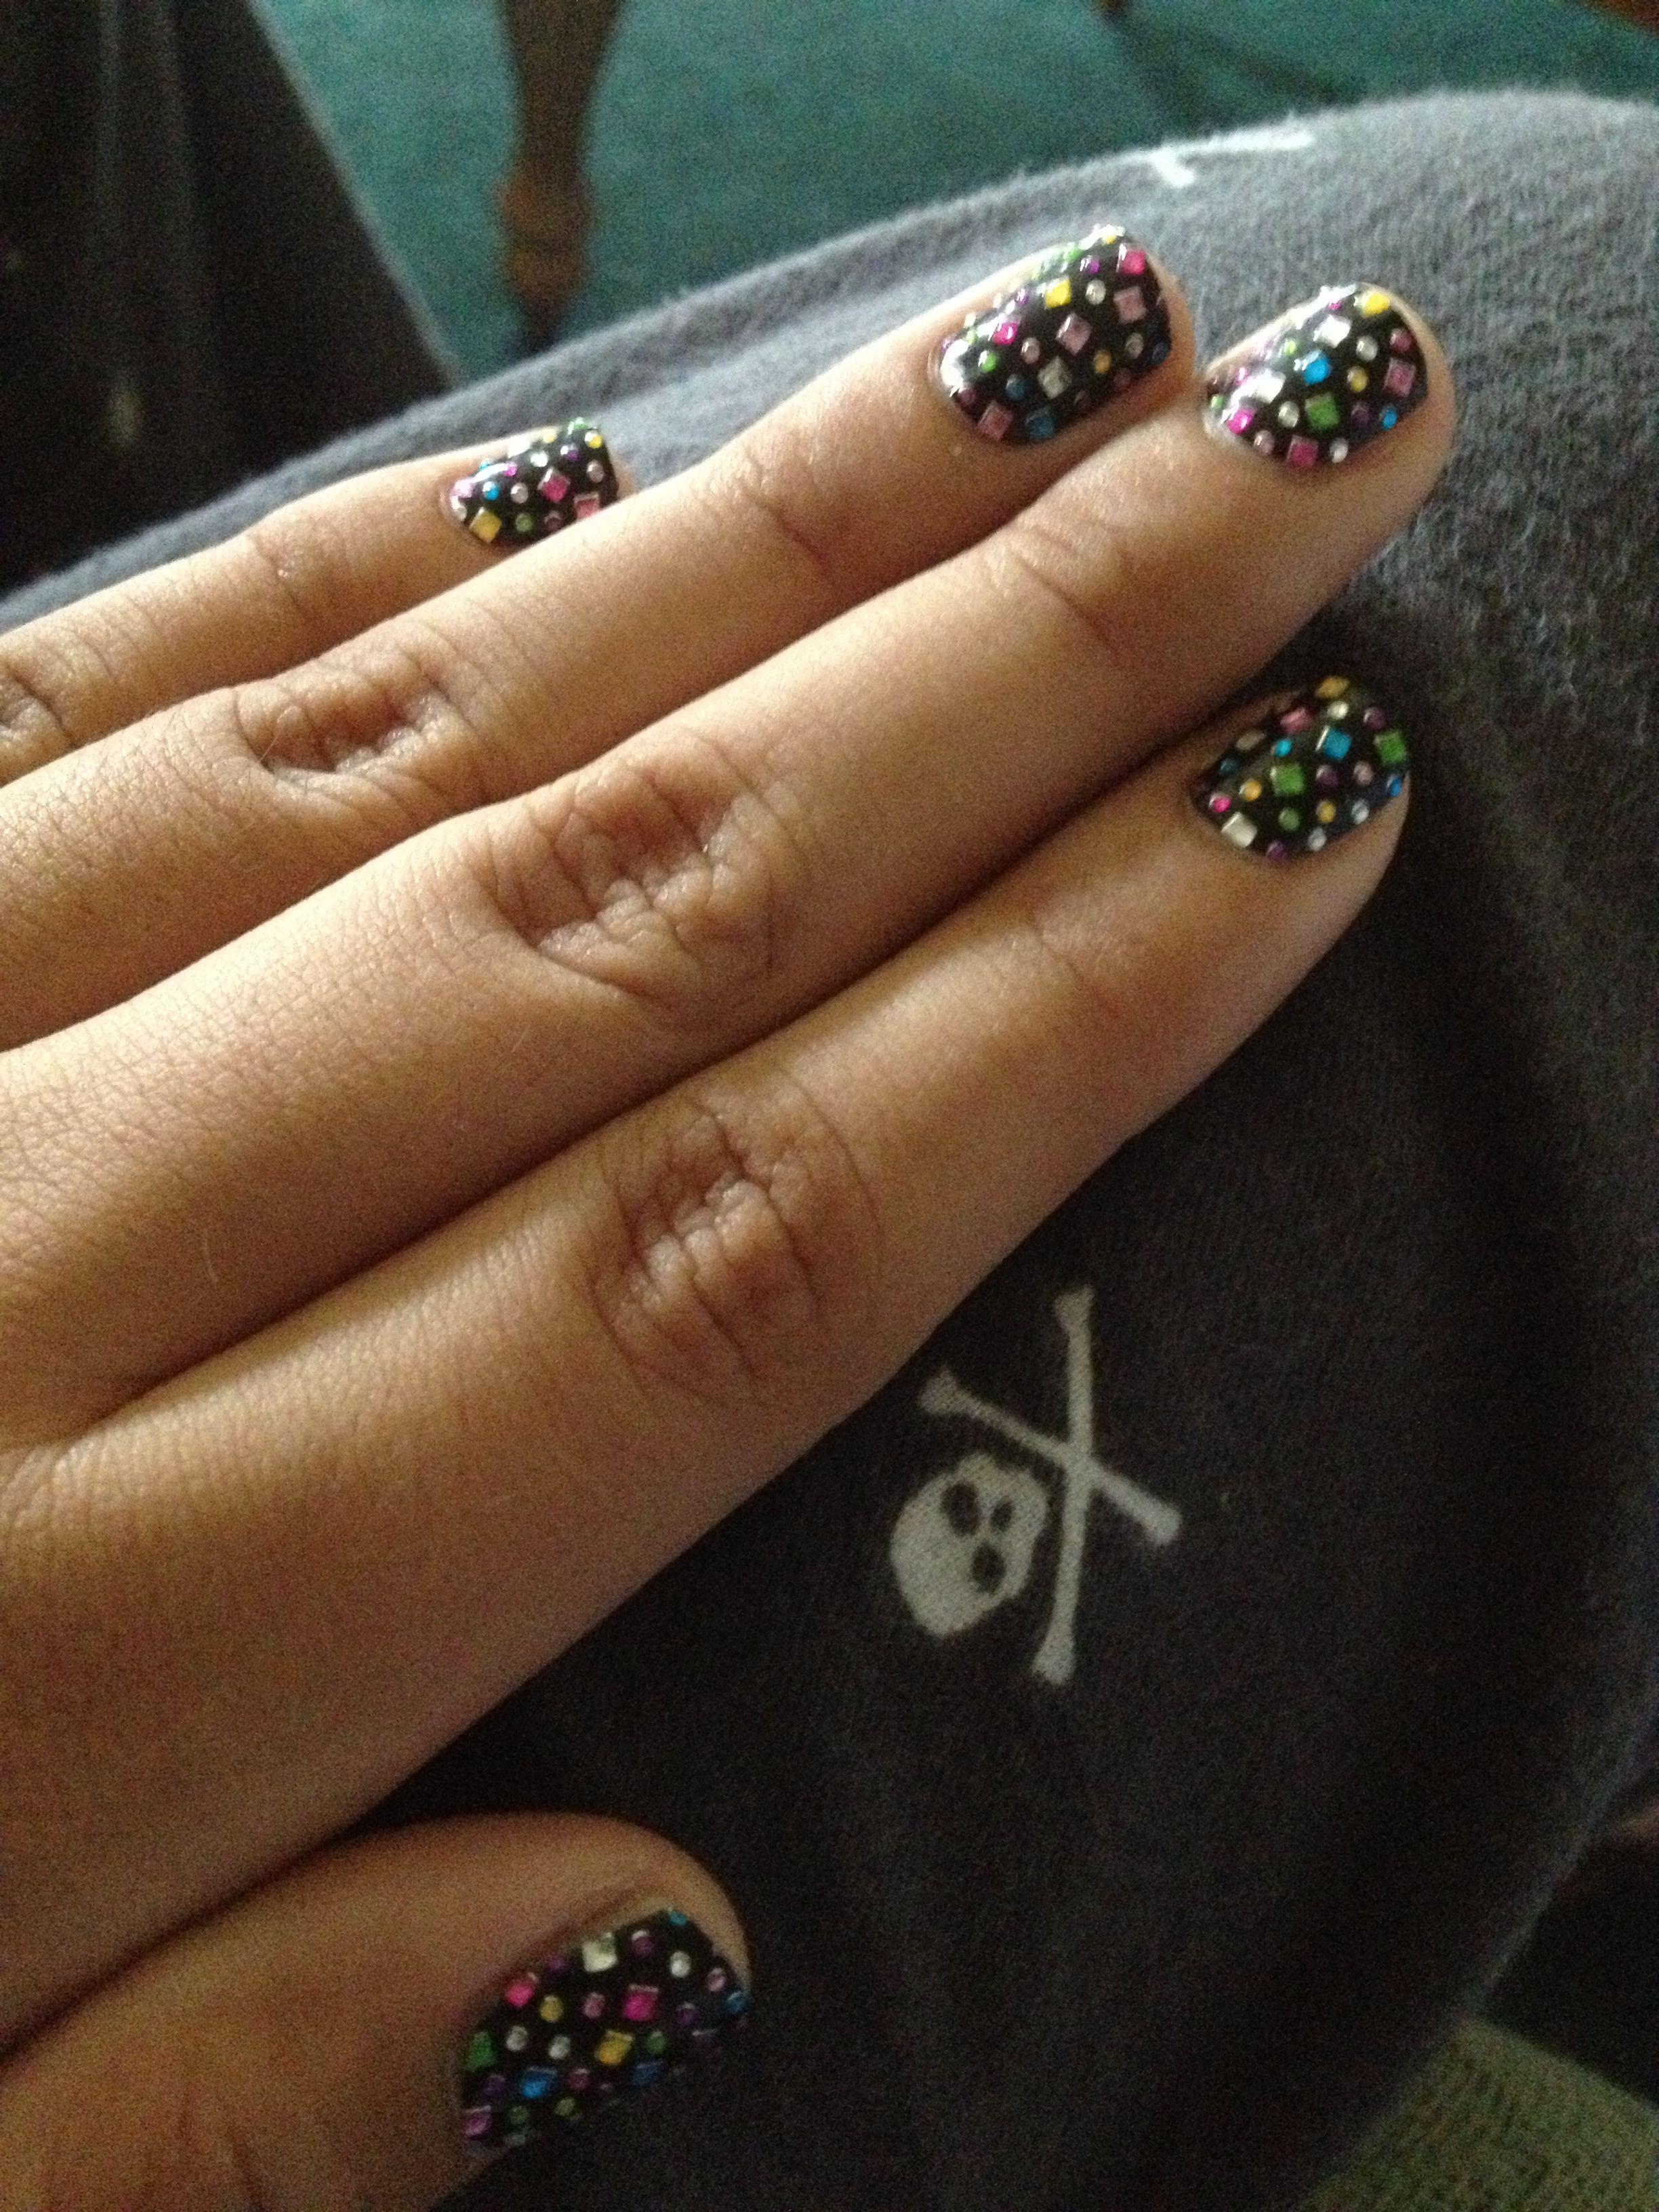 Glitter over black